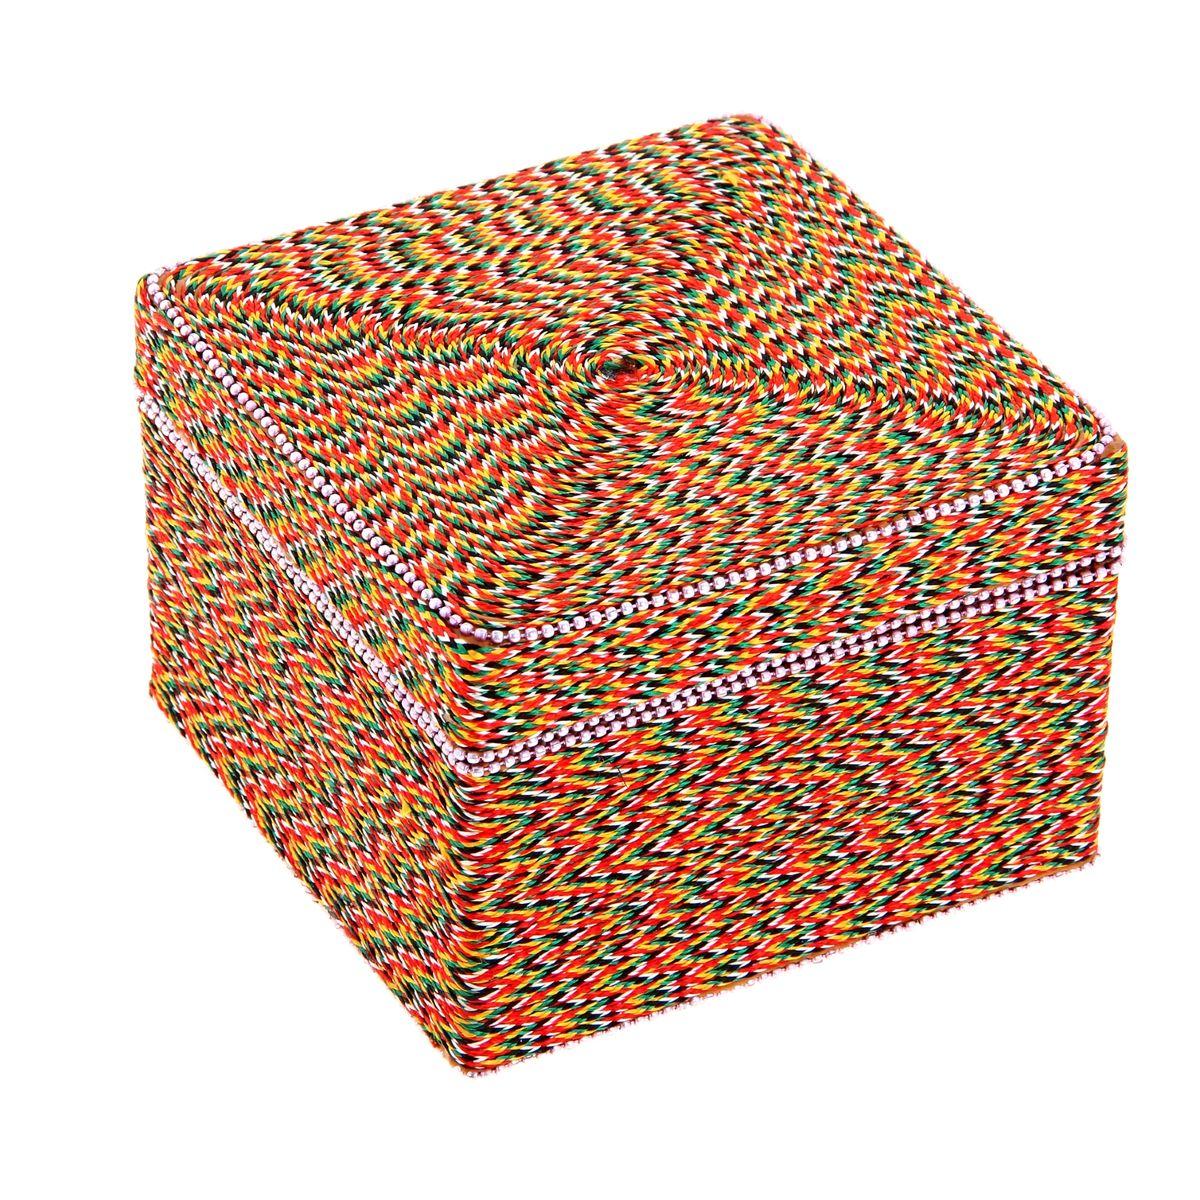 Шкатулка Sima-land Тесьма, 13 см х 13 см х 9,3 смFS-80299Шкатулка Sima-land Тесьма выполнена из высококачественного МДФ. Снаружи шкатулка декорирована разноцветным шнурком. Внутри одно большое отделение. Разве может истинная ценительница украшений остаться равнодушной при виде такой эффектной шкатулки? Ее сразу хочется наполнить различными аксессуарами, ювелирными украшениями и красивой бижутерией. Тогда вперед, заполните до краев эту индийскую вещицу!